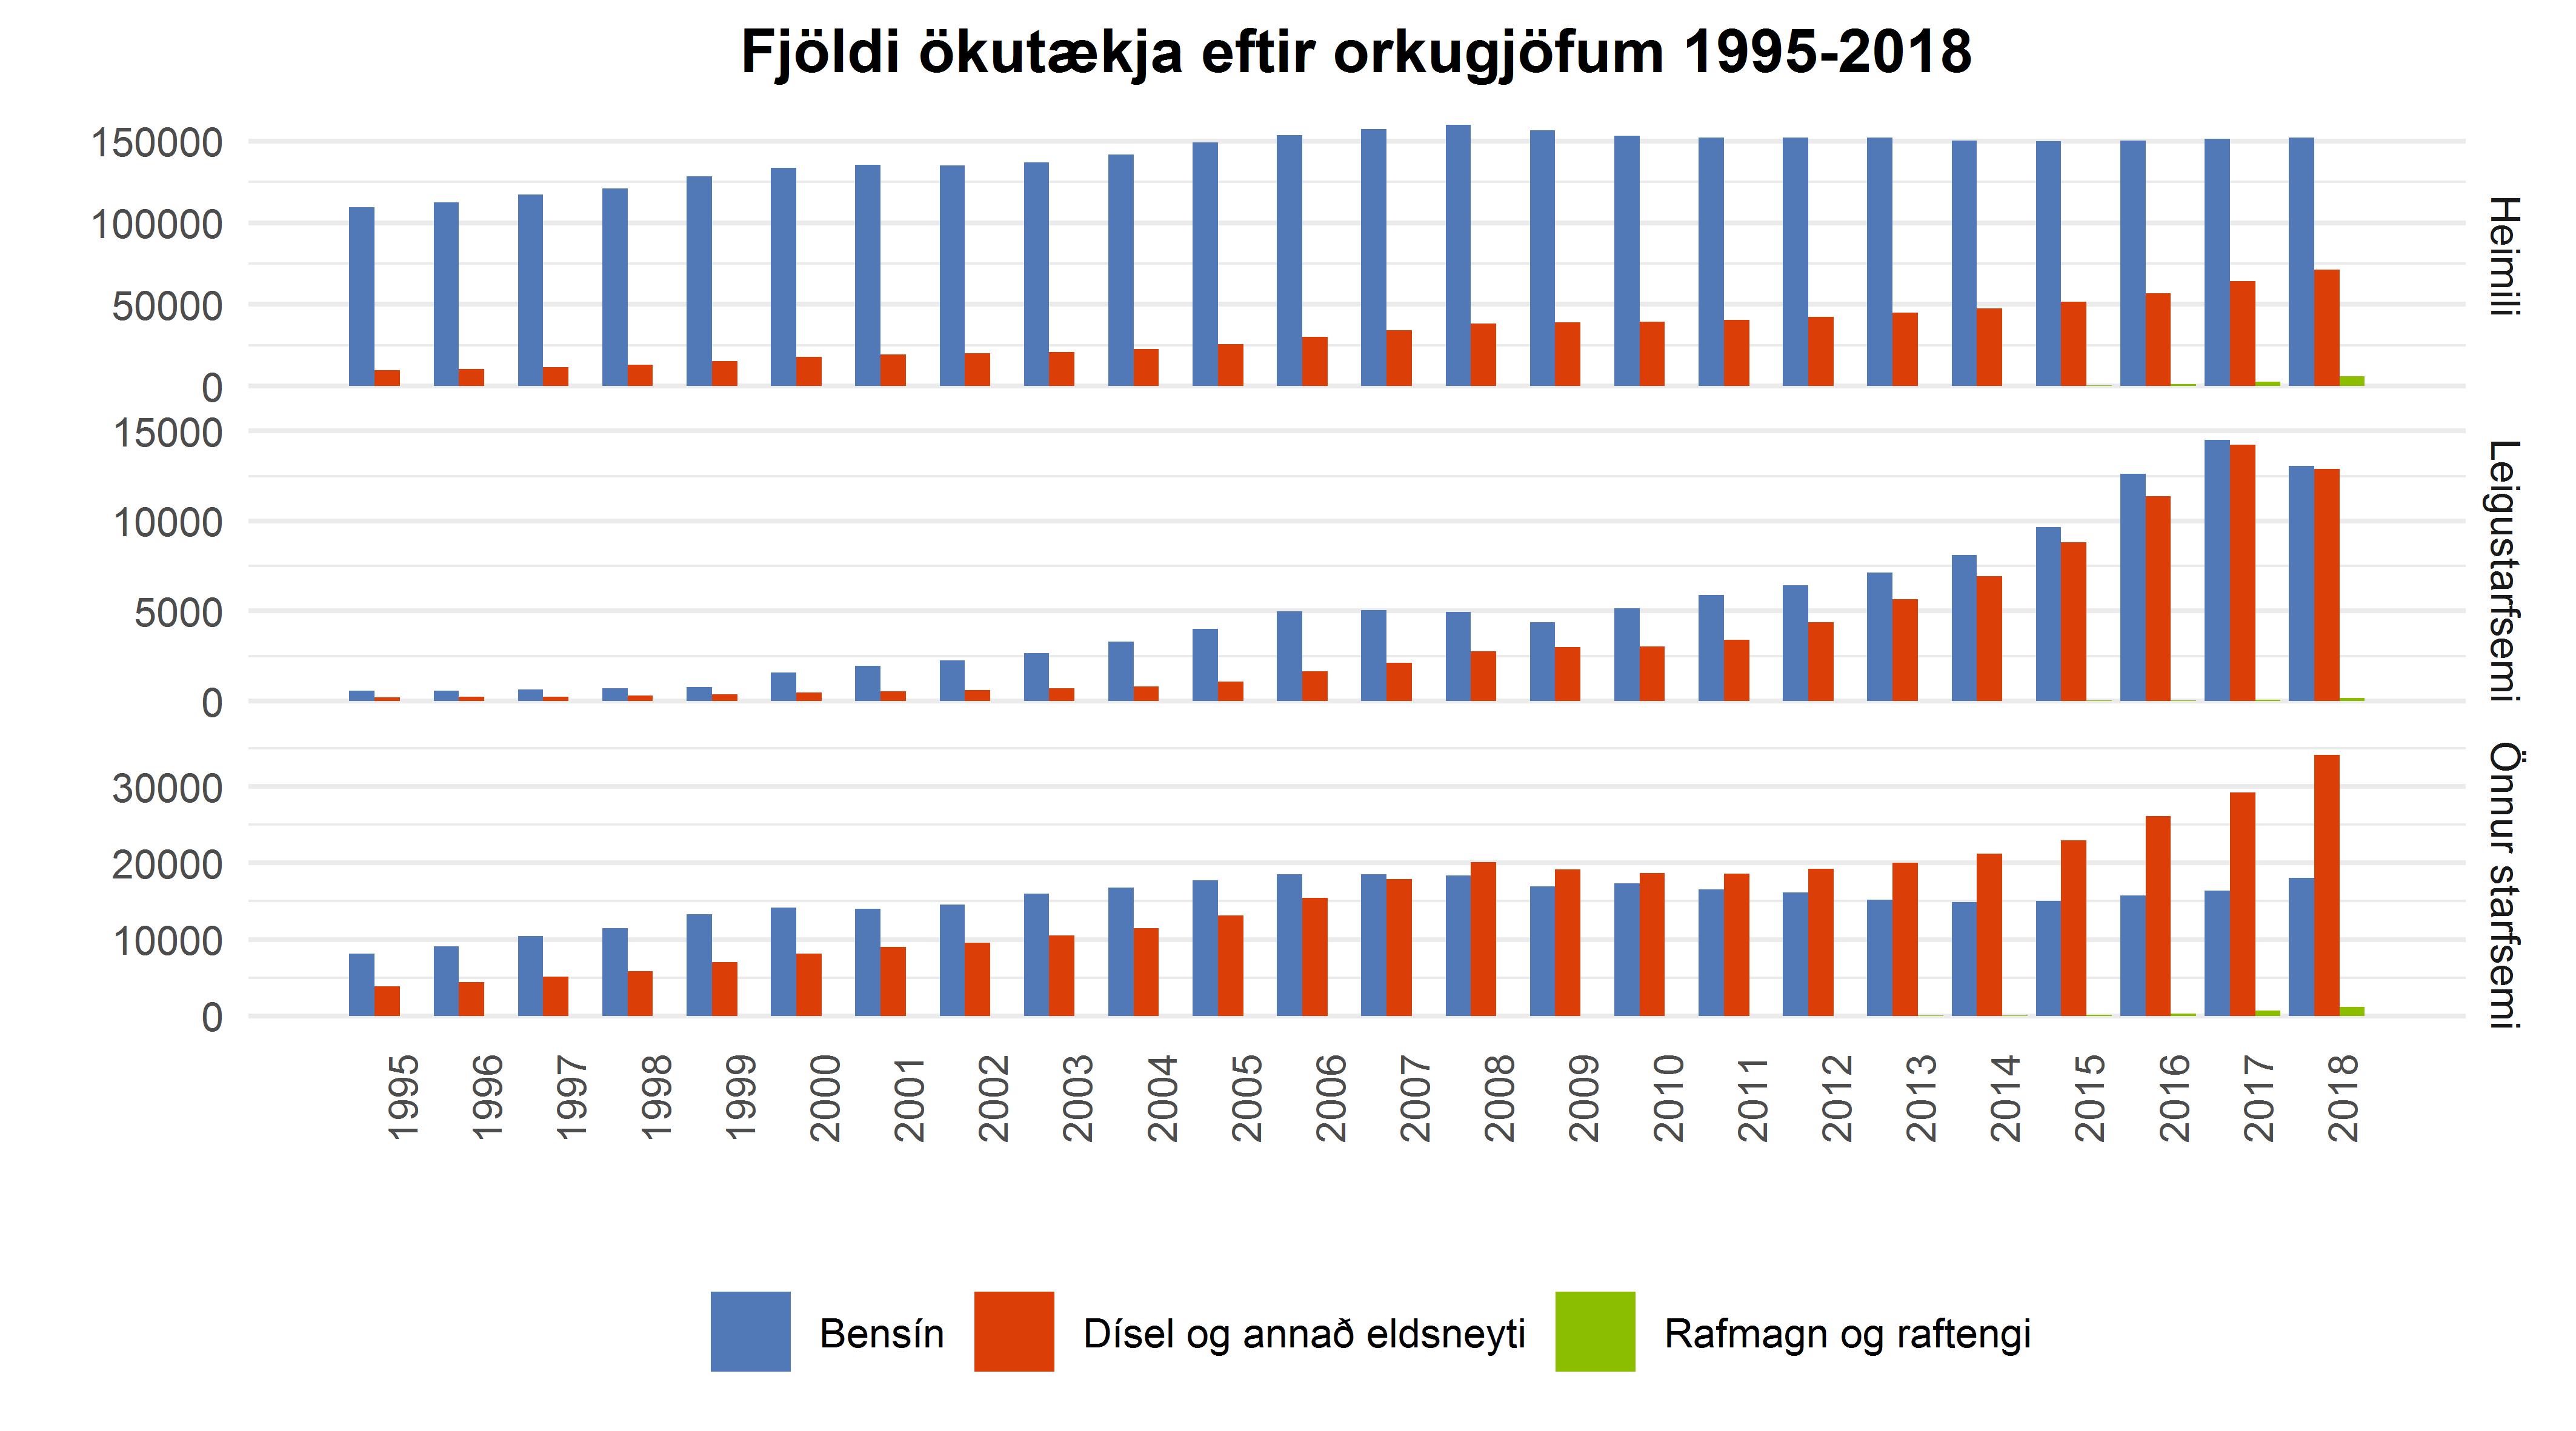 Fjöldi ökutækja eftir orkugjöfum 1995-2018